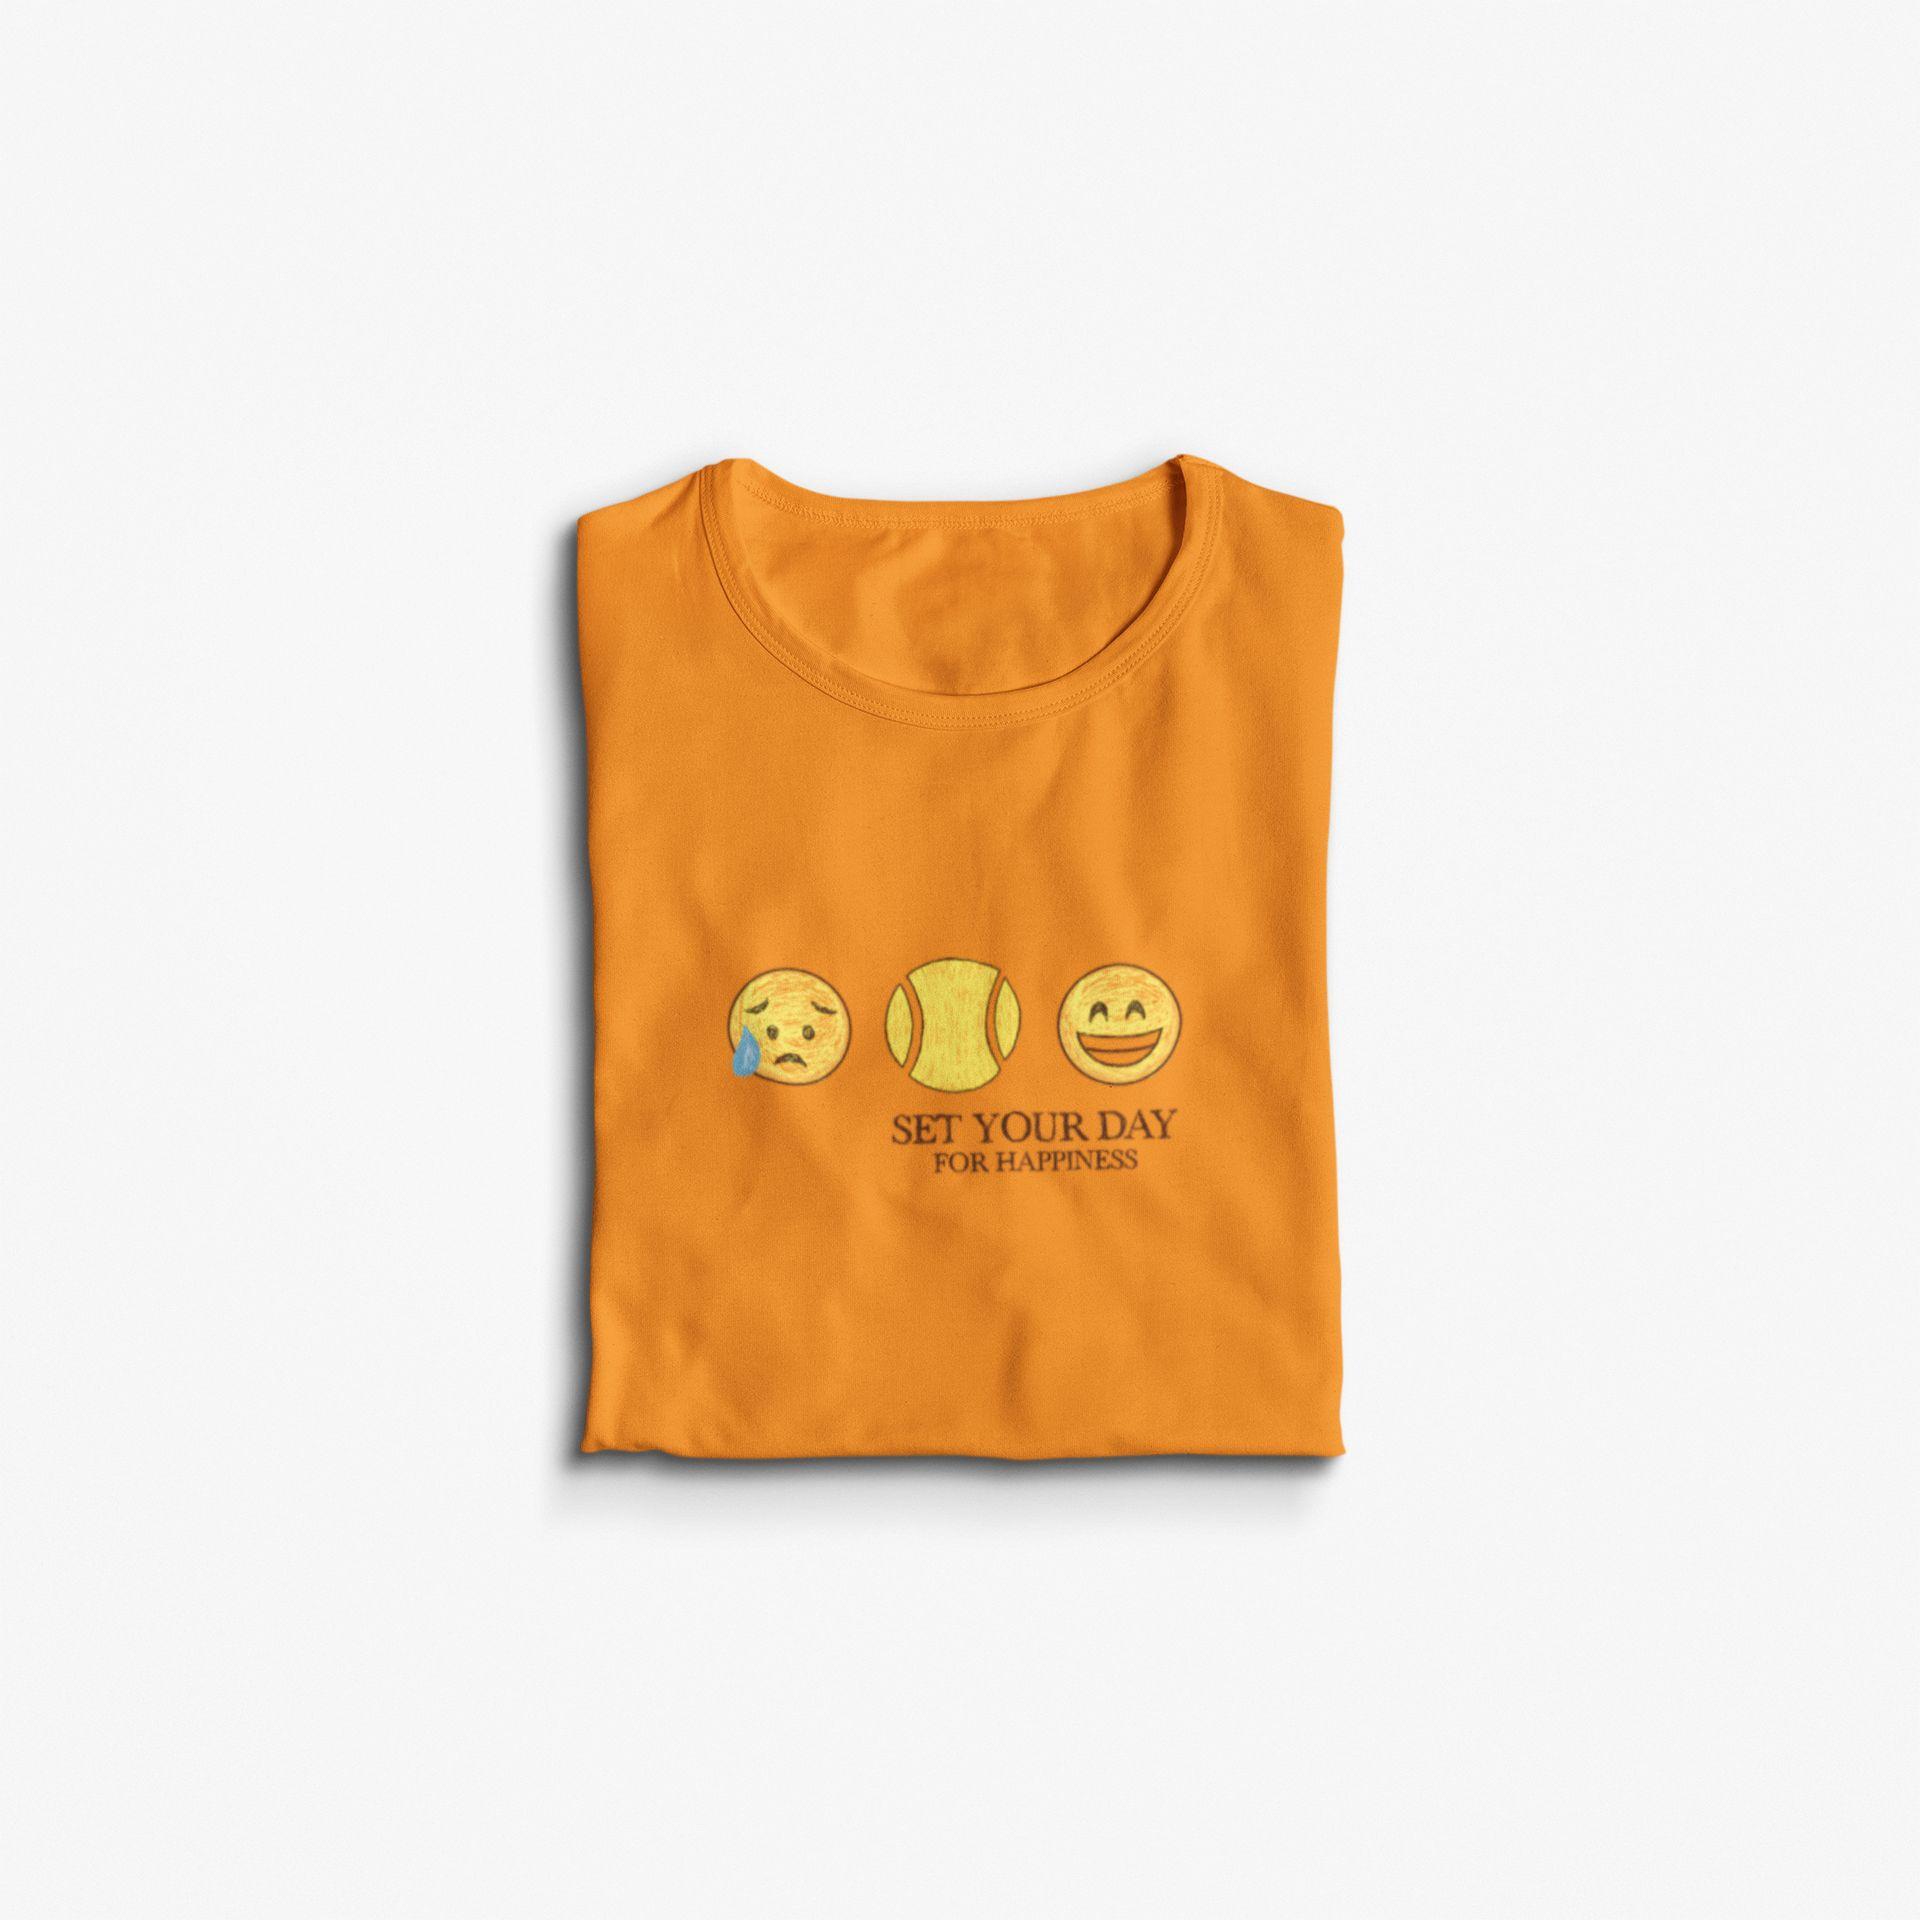 Camiseta SET YOUR DAY - FOR HAPPINESS  >> Coleção 2019 >> FEMININA